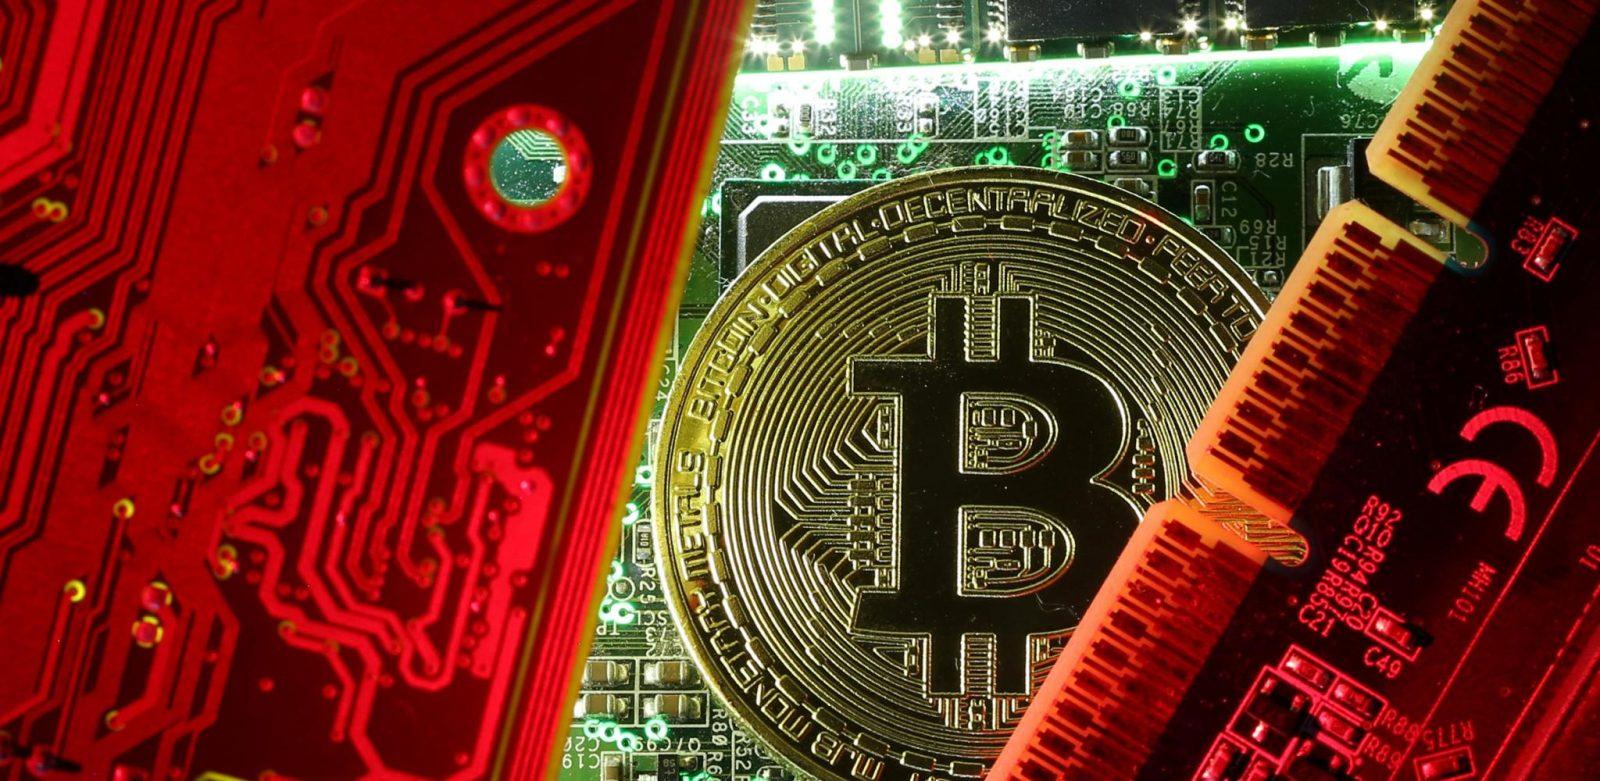 Lassicurazione contro il furto dei Bitcoin arriva - L'assicurazione contro il furto dei Bitcoin arriva, ma con cautela